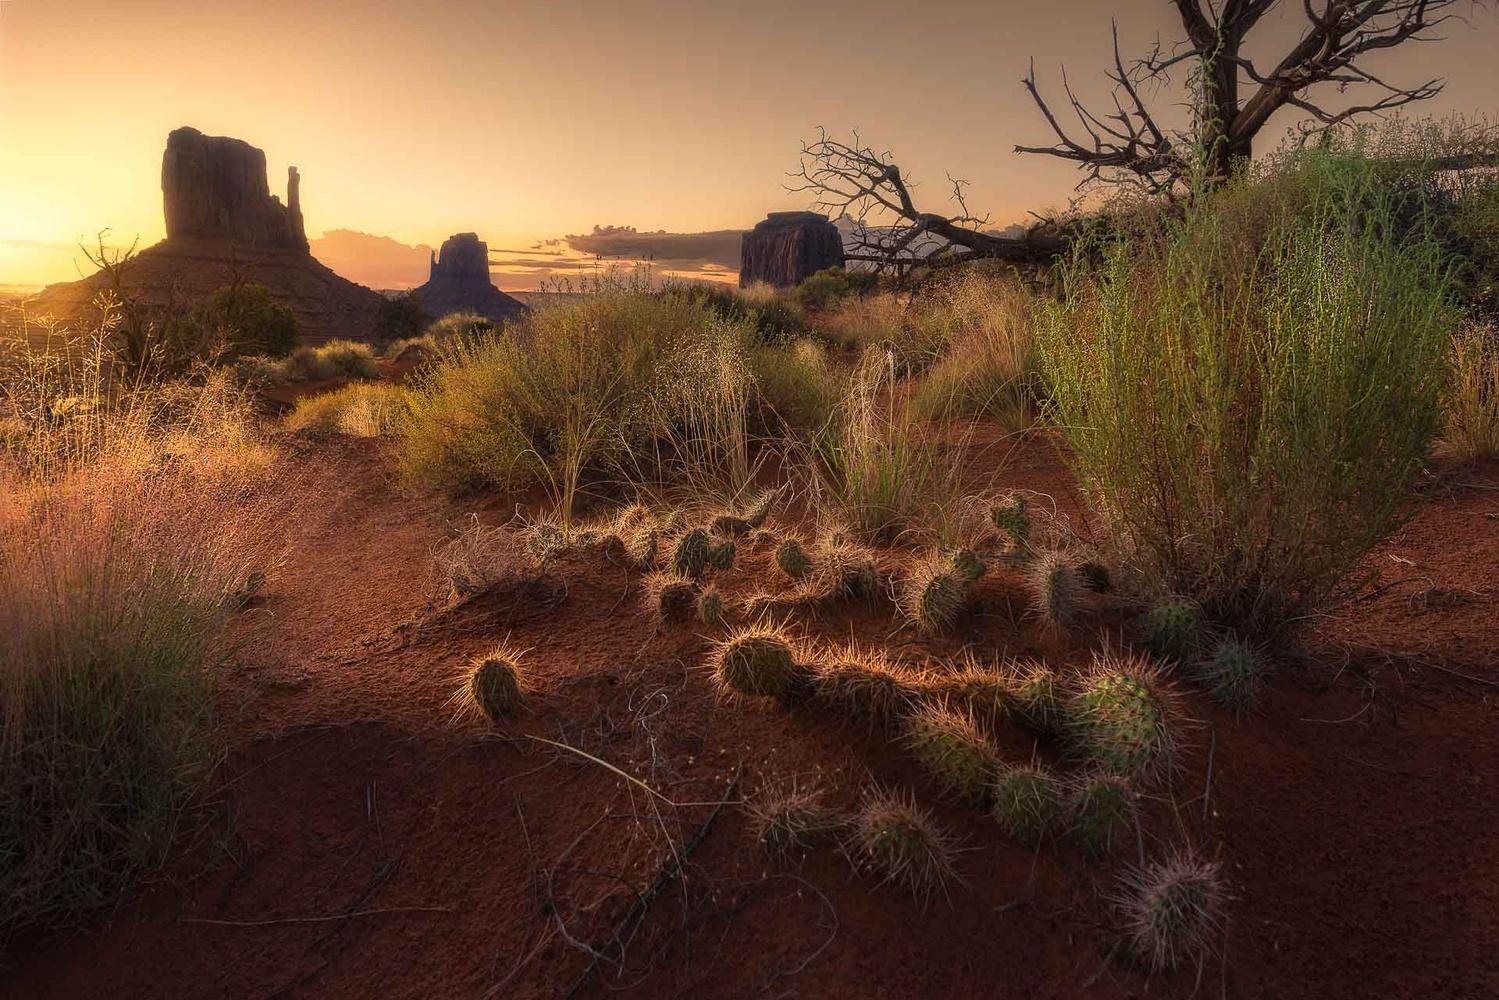 Desert essence by Dan Zafra